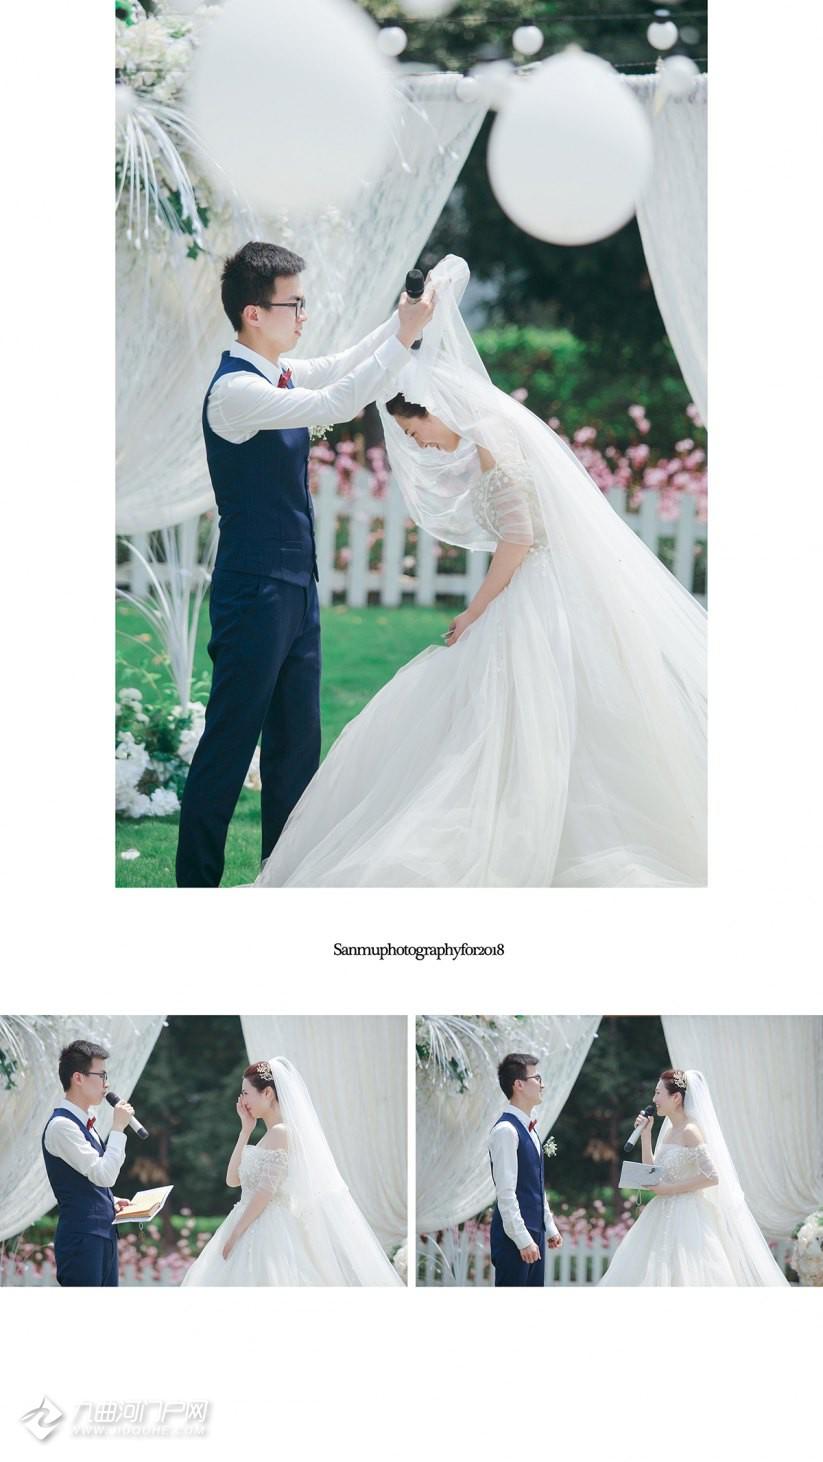 我想拥有的那一席浪漫用白色画笔画出我们的婚礼